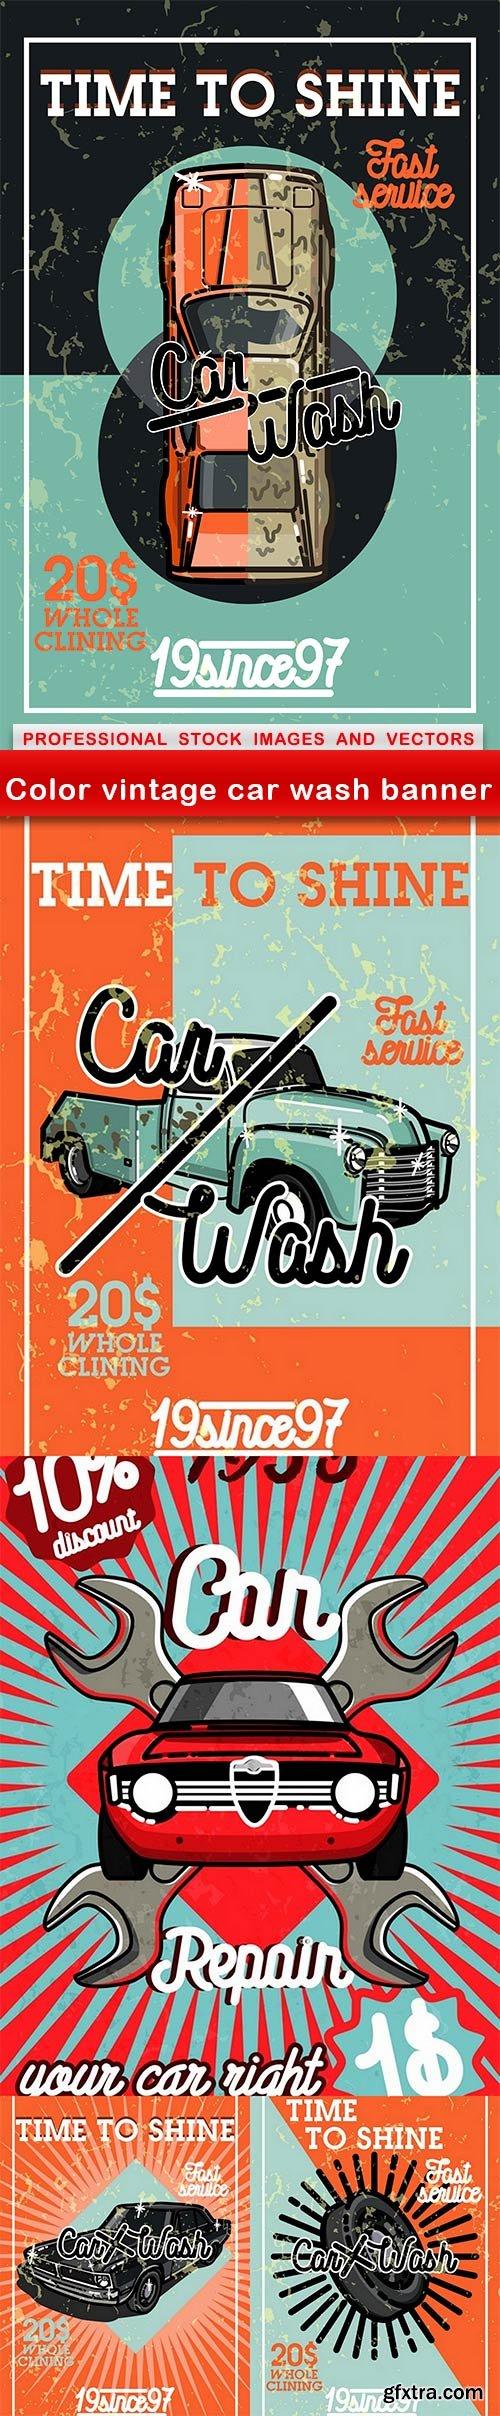 Color vintage car wash banner - 5 EPS